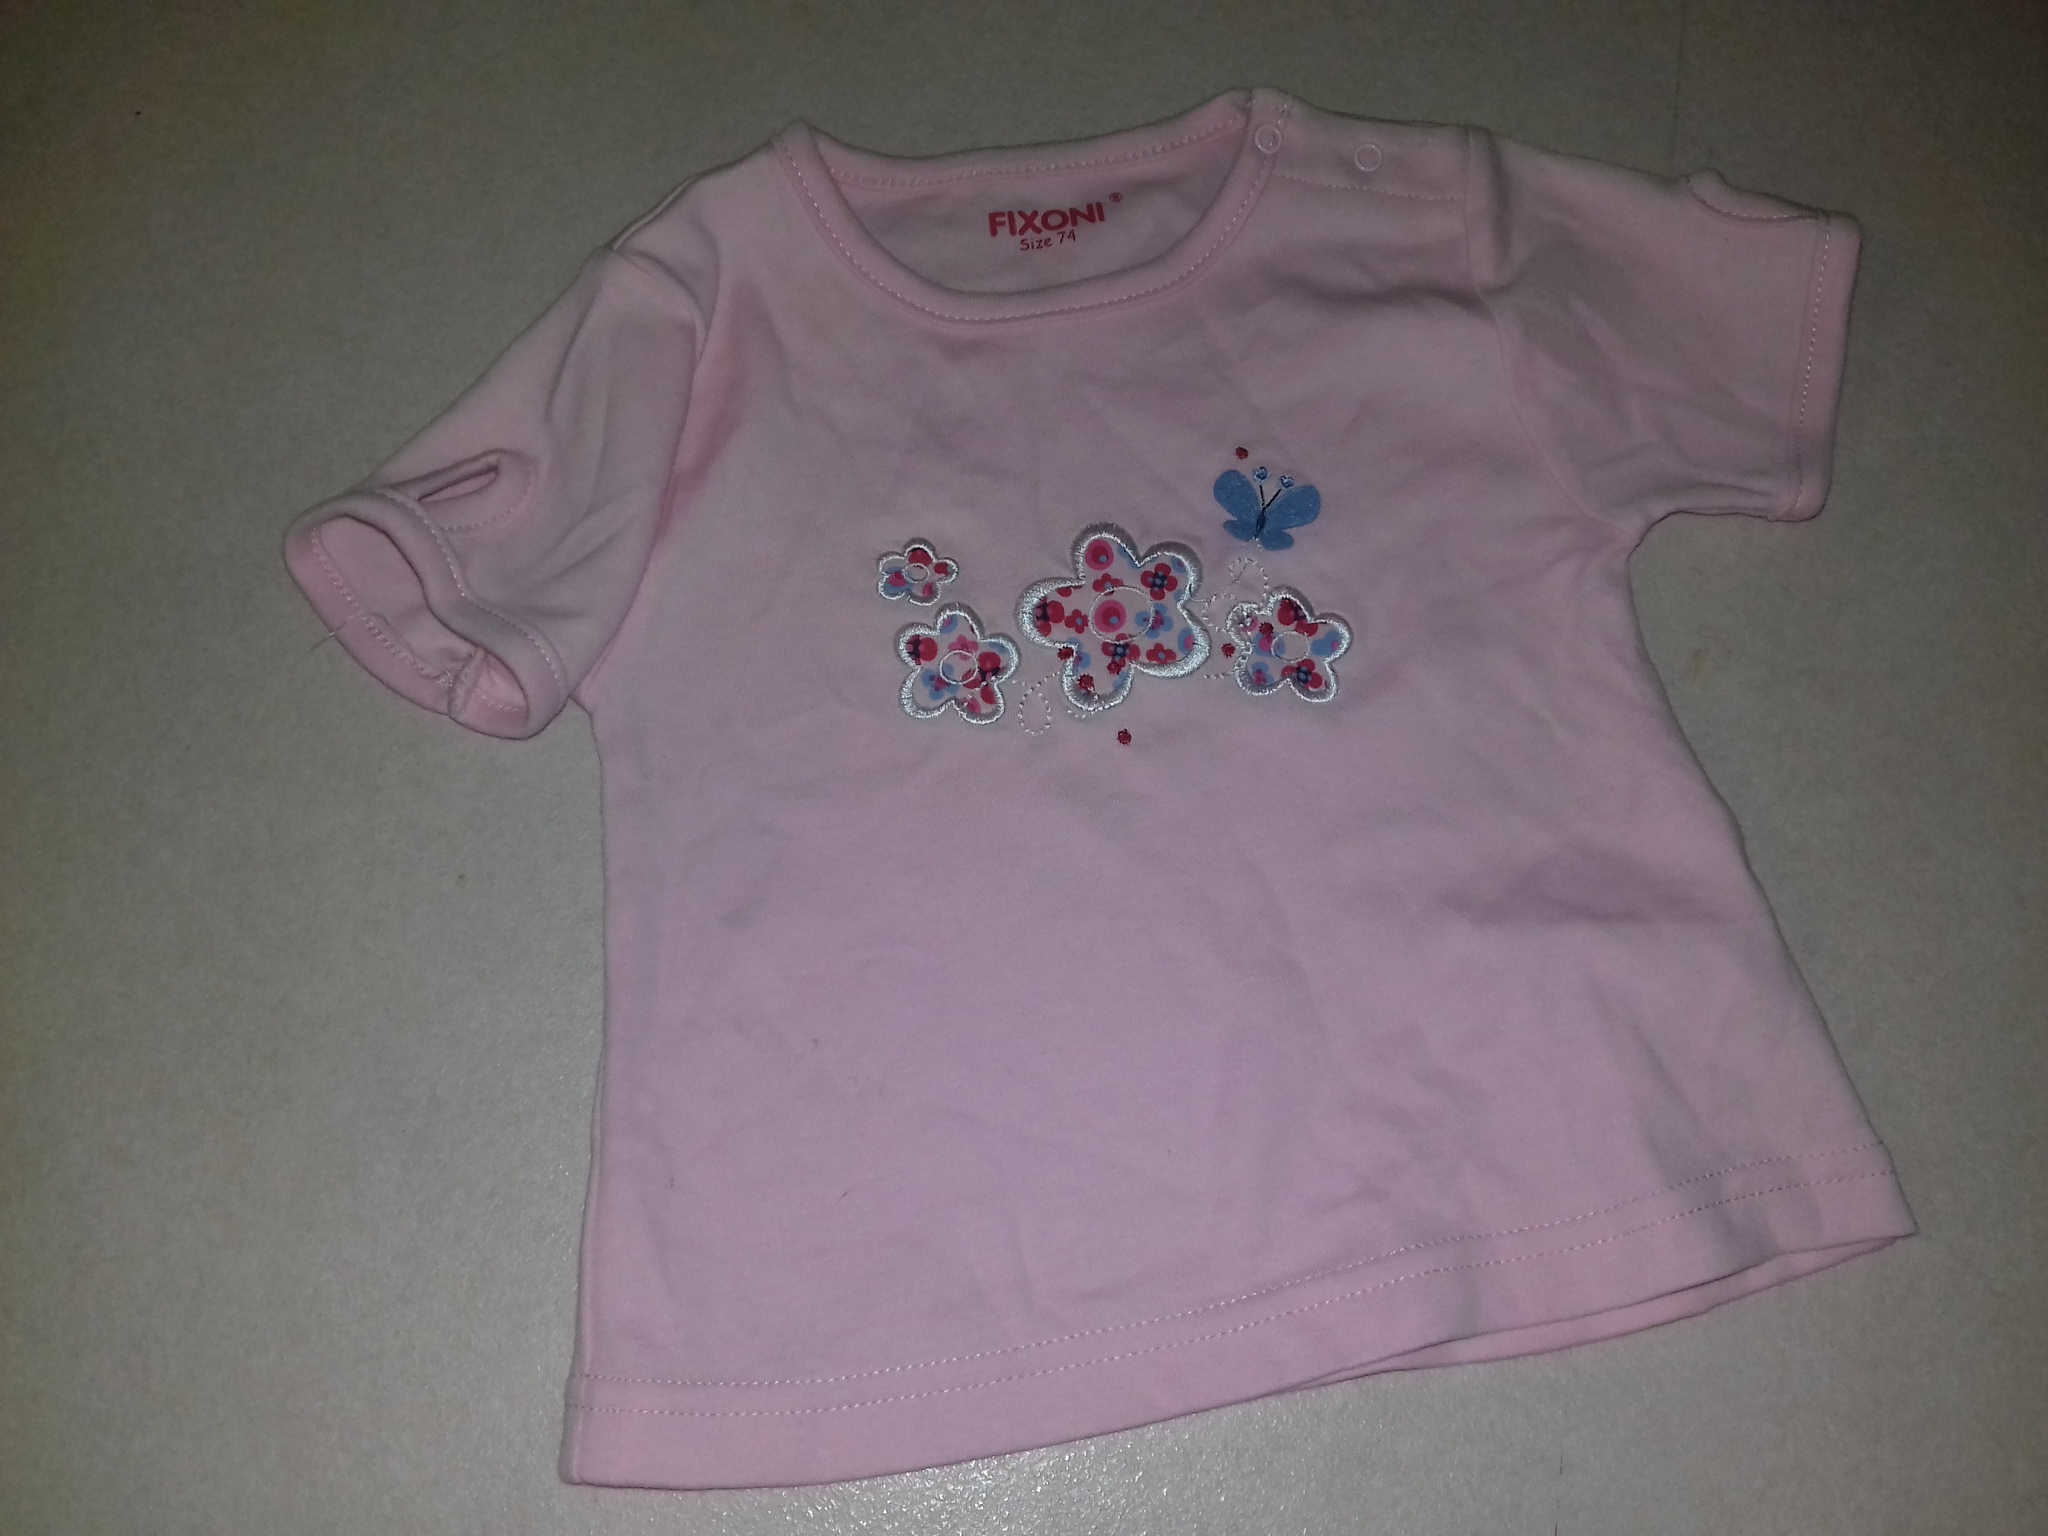 Fixoni rózsaszín virág mintás baba poló  c9e961d5c0